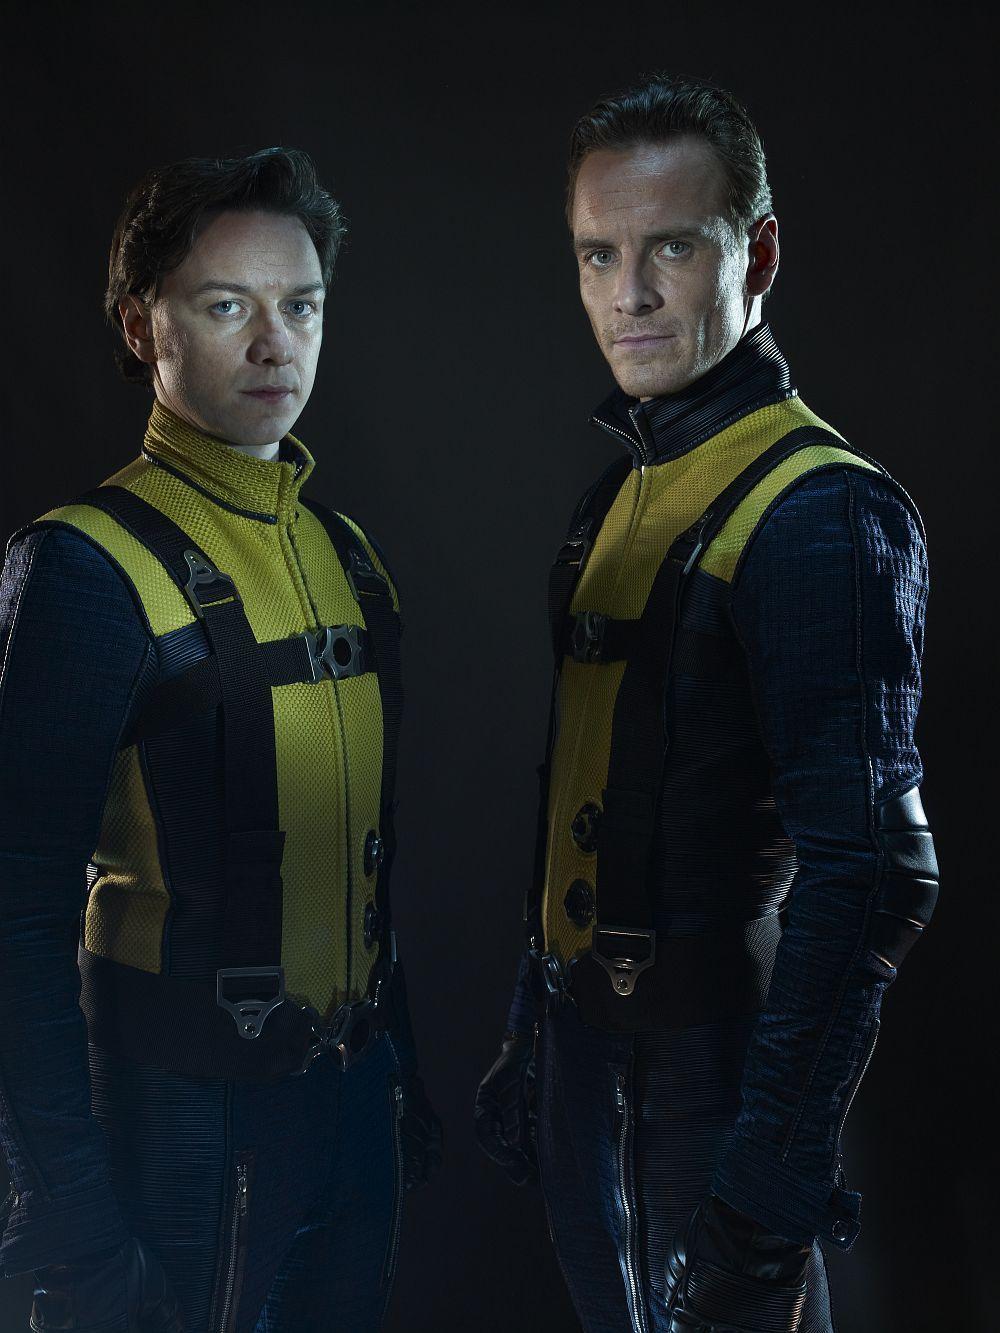 X-Men: First Class (2011) - James McAvoy as Charles Xavier ...X Men First Class Erik